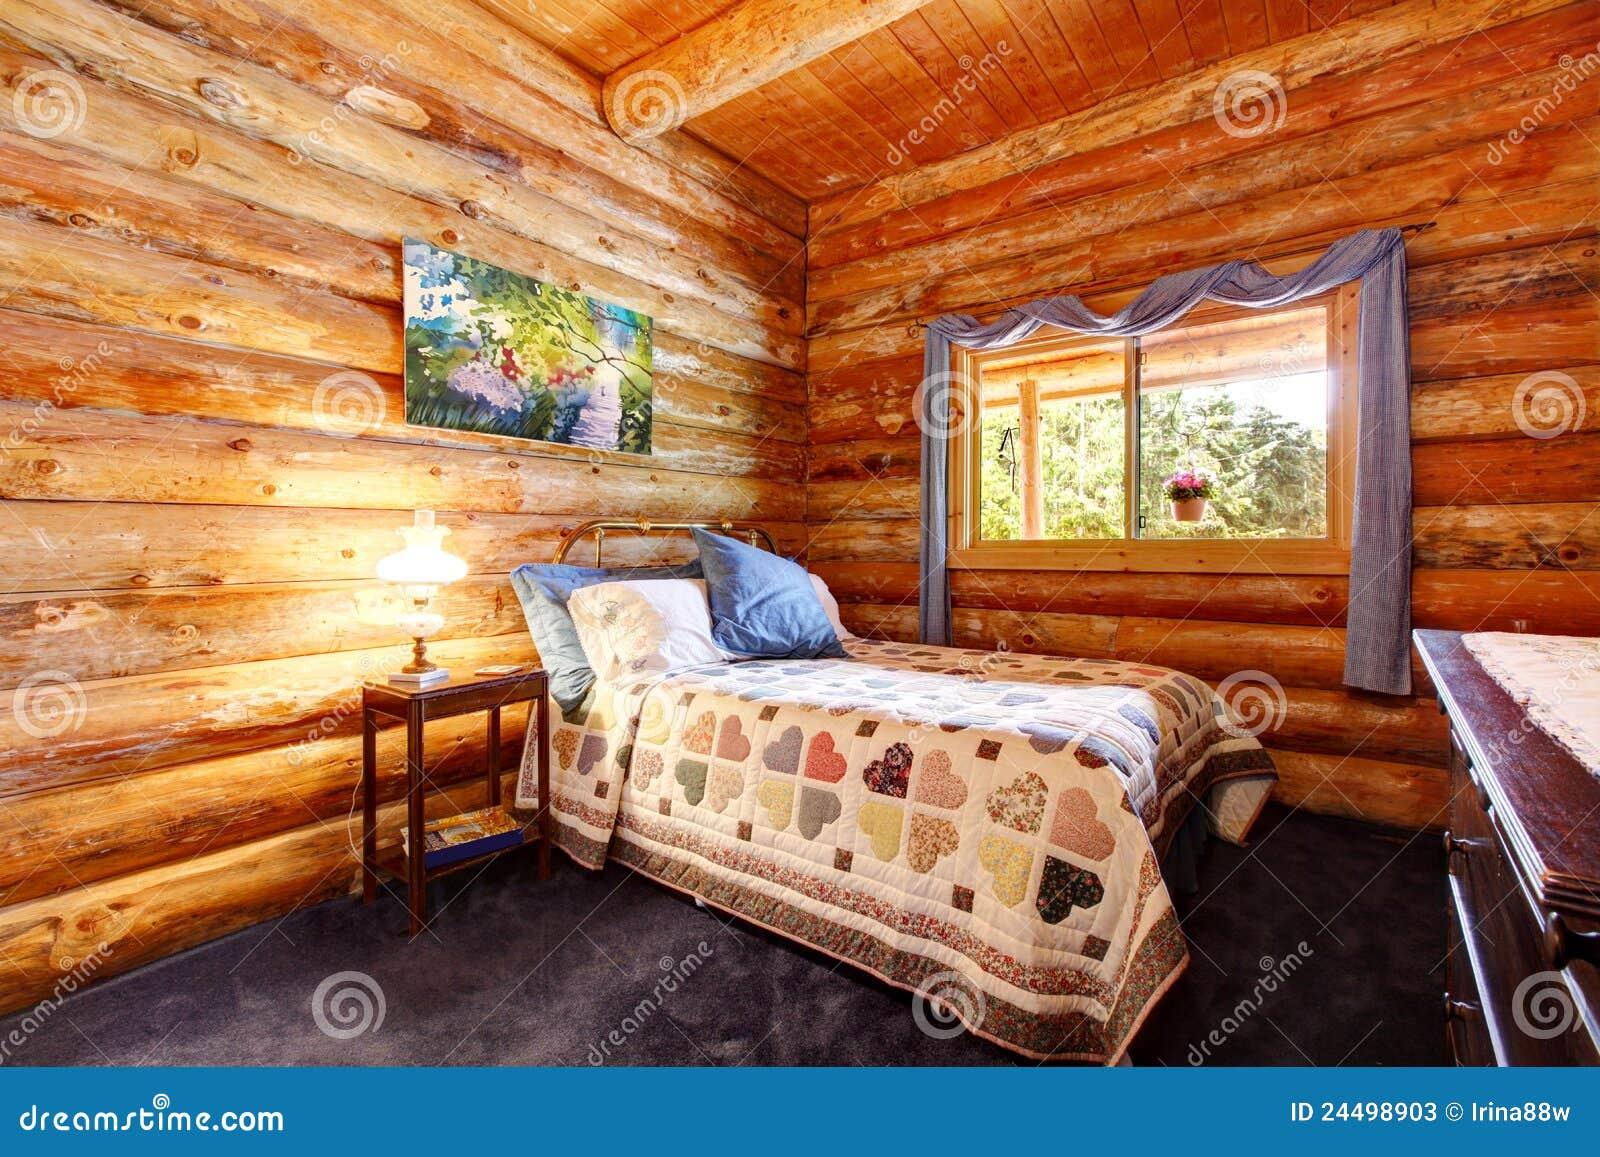 camera da letto rustica della cabina di libro macchina con